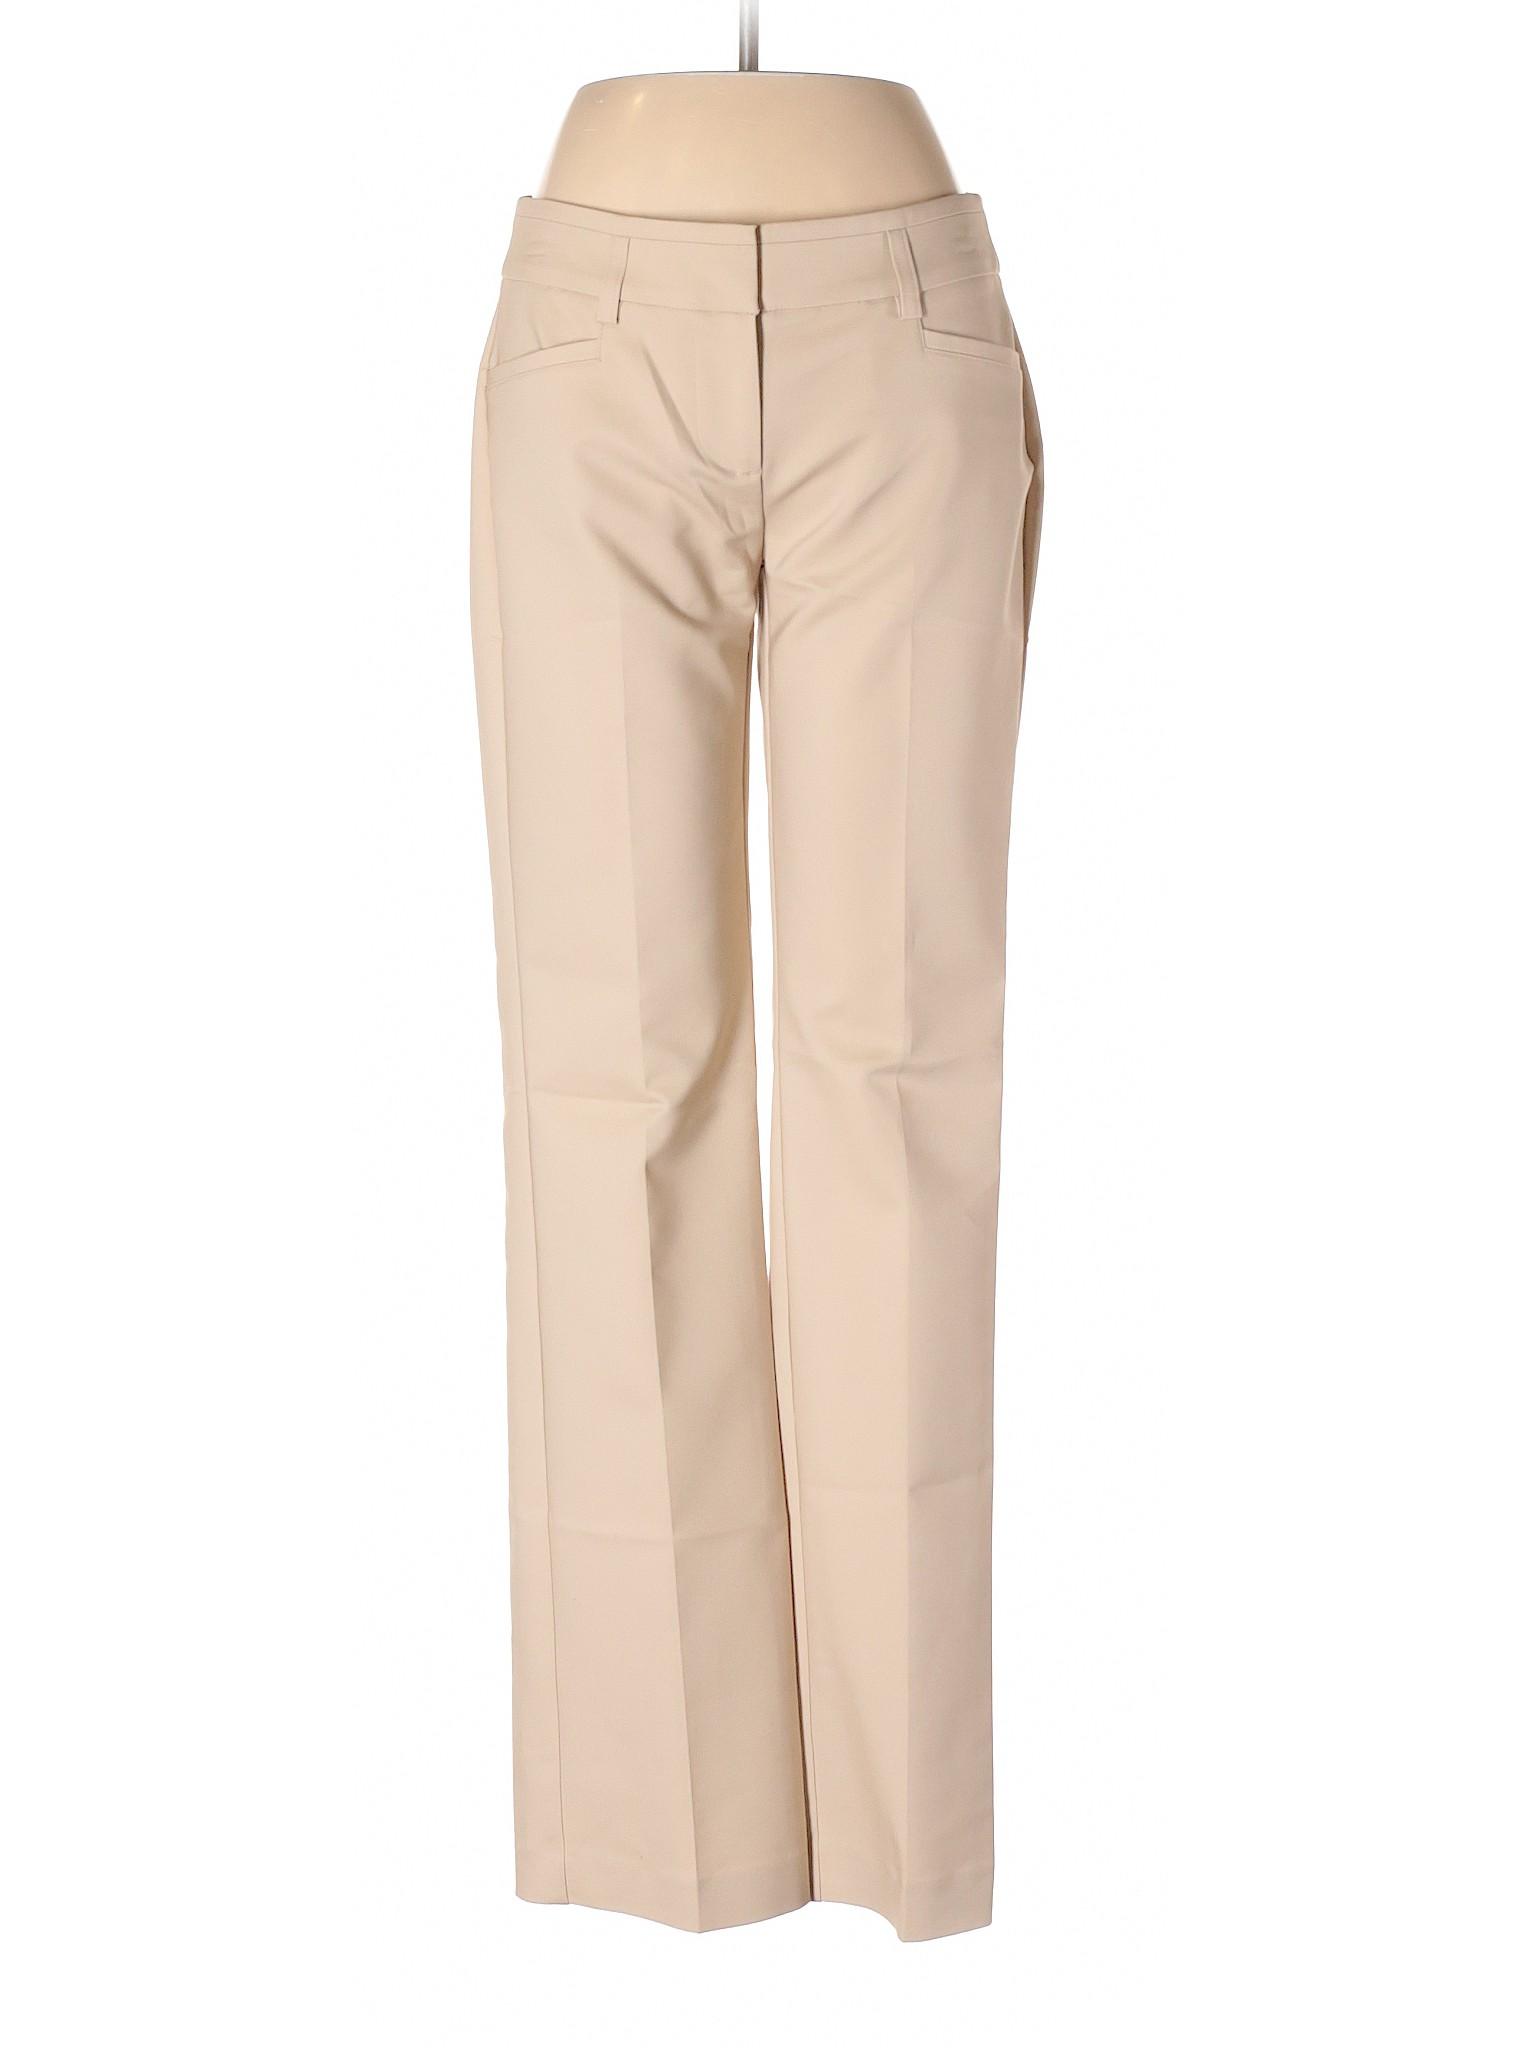 Pants Boutique leisure Elle Elle leisure Dress Boutique Dress Boutique Pants qxnACPOA